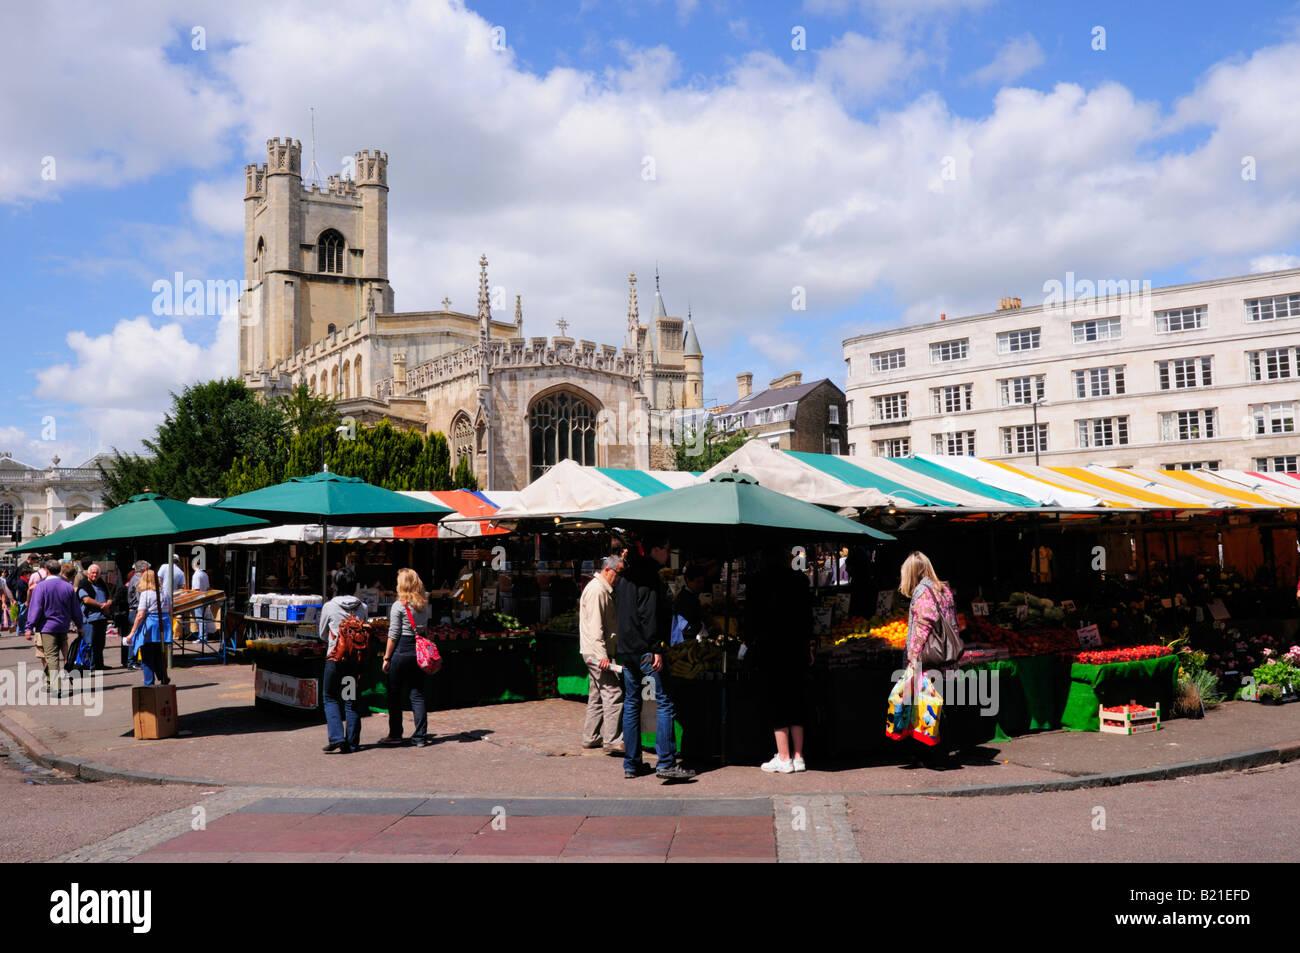 Market and Great St Marys Church, Cambridge England UK - Stock Image